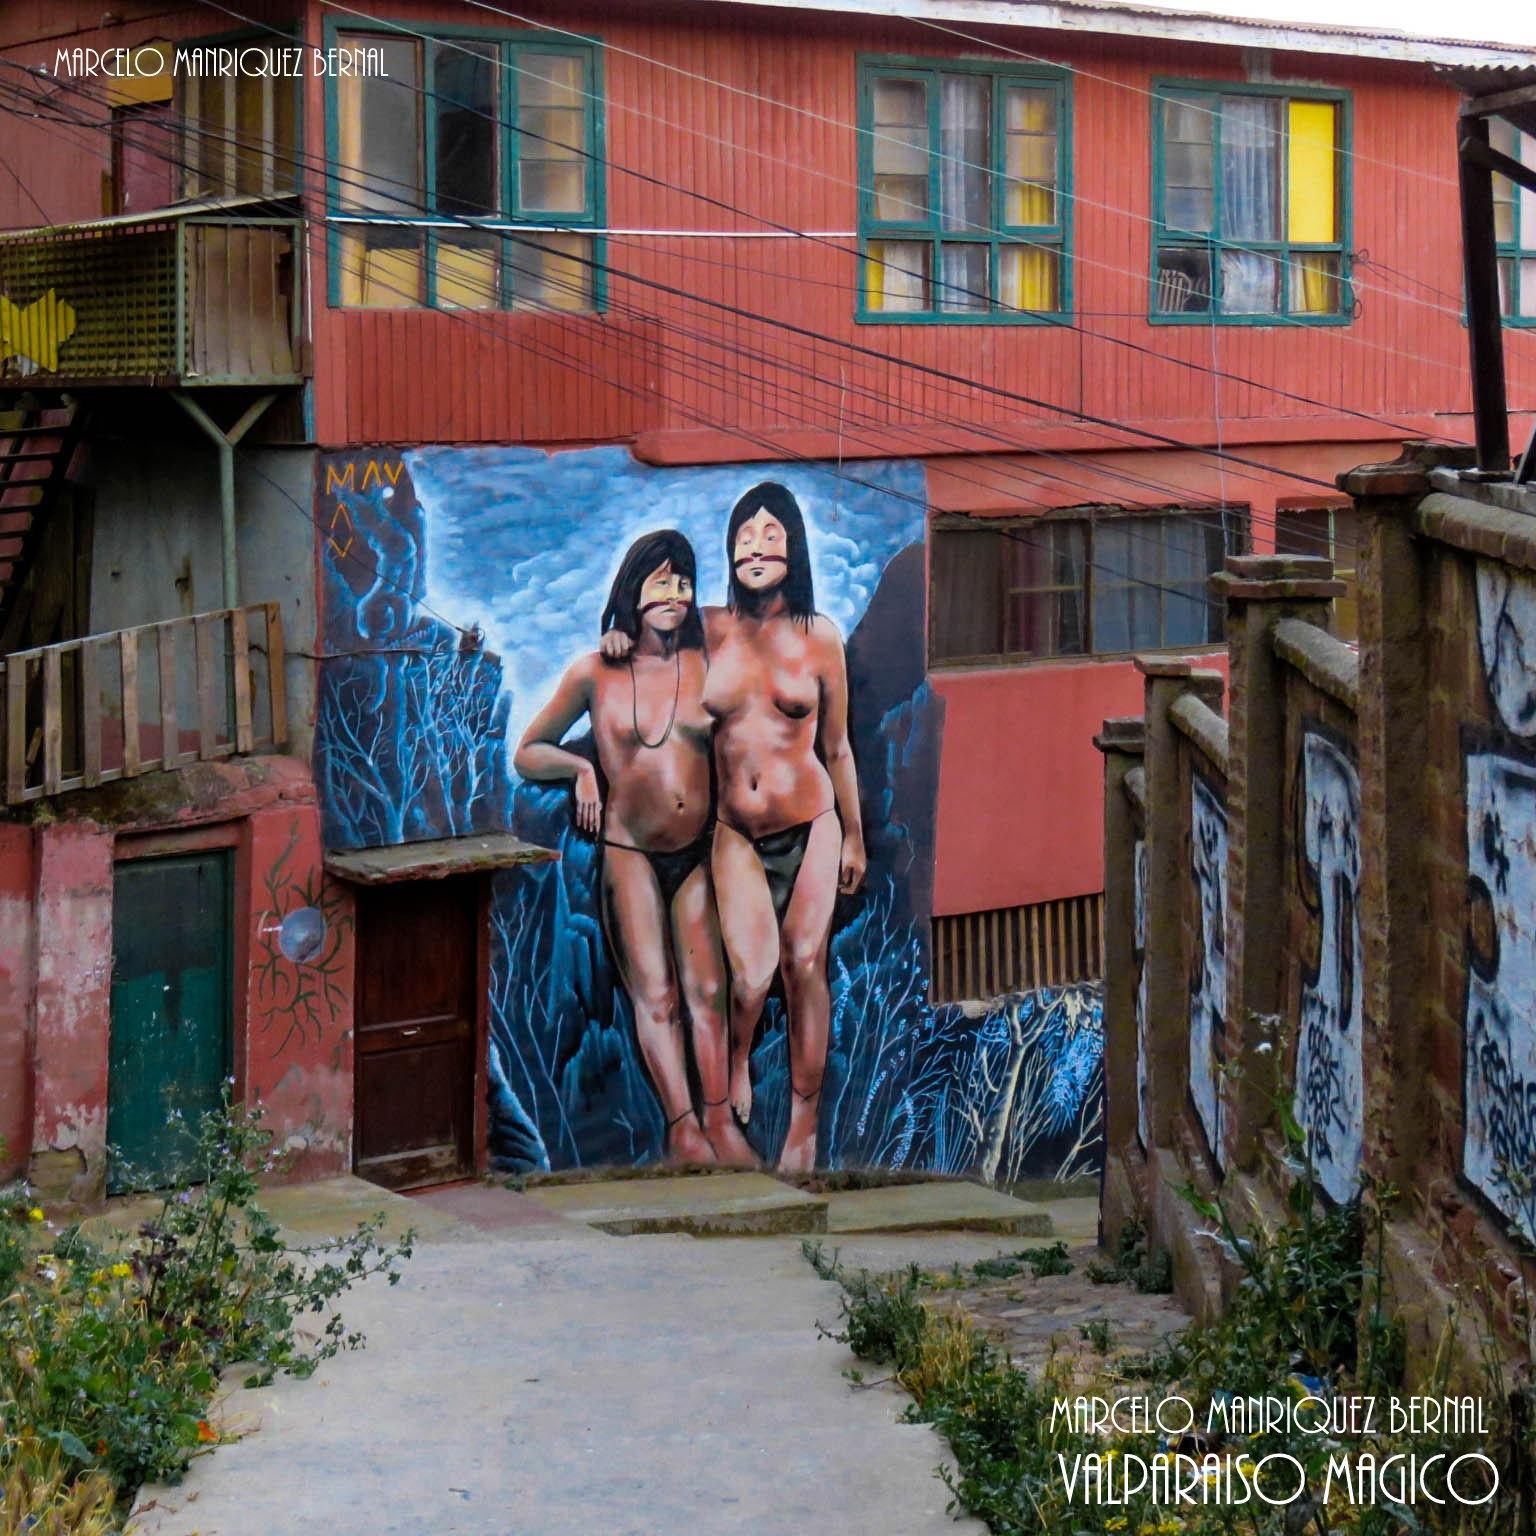 Mural  en las calles  de  Valparaiso by Marcelo Manriquez Bernal